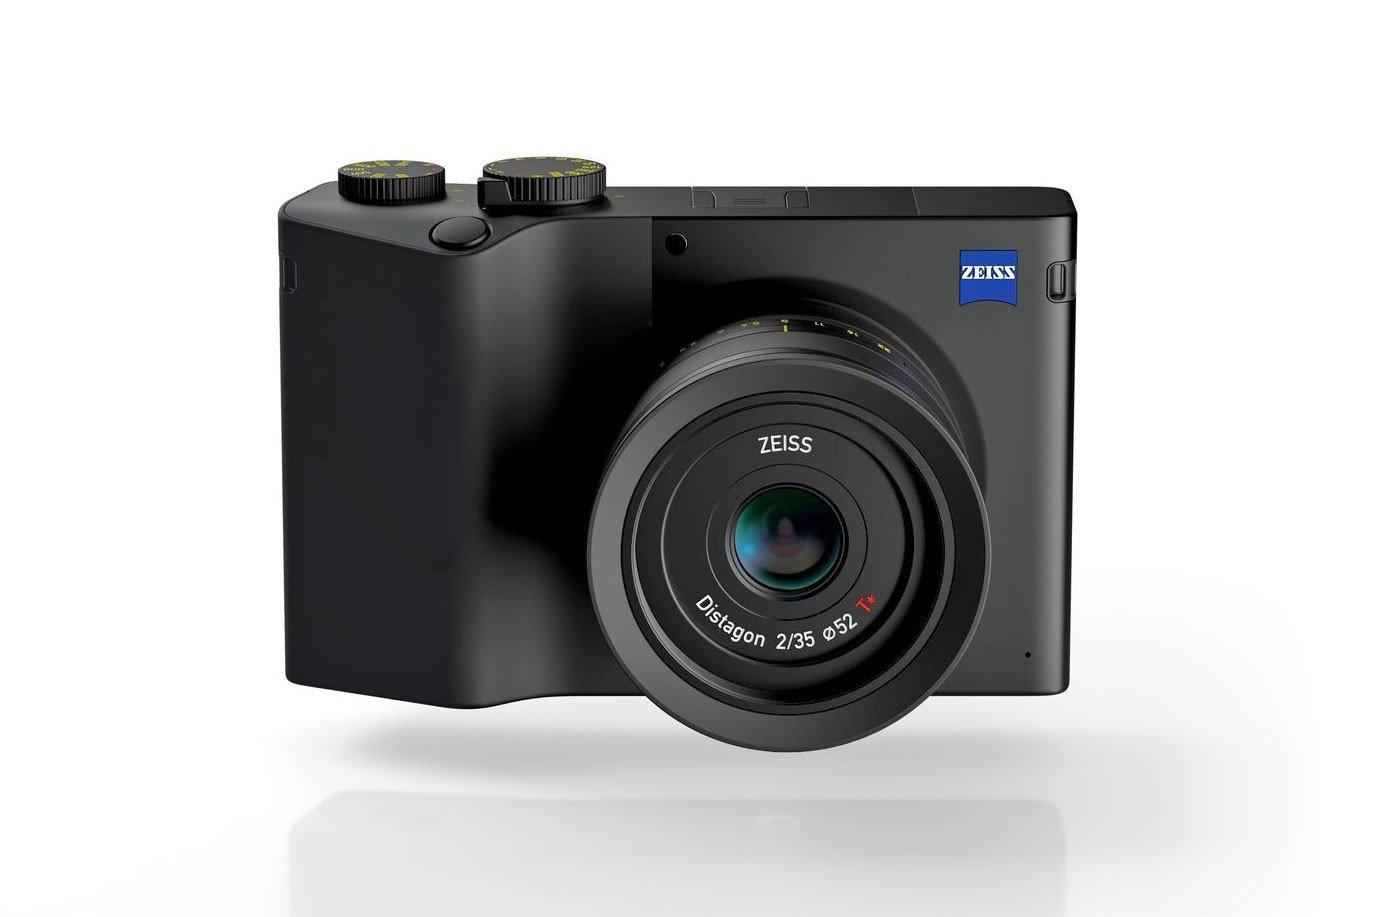 Zeiss ra mắt máy ảnh full-frame đầu tiên của công ty, mang tên ZX1